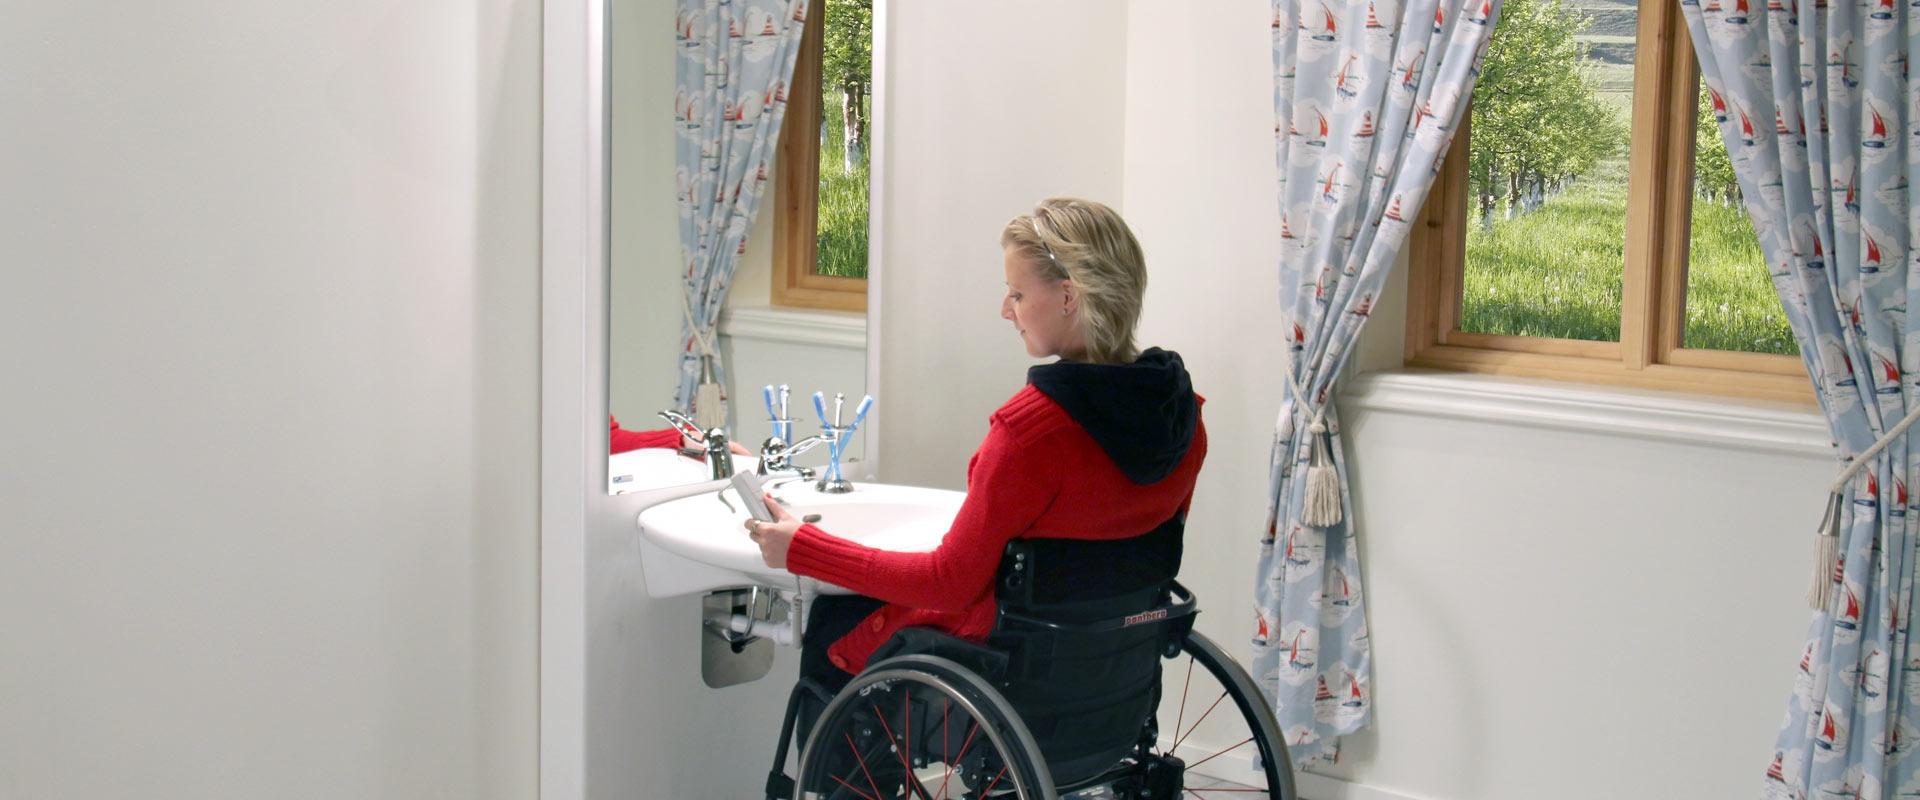 Granbergs badrumsprodukter för Privata hem